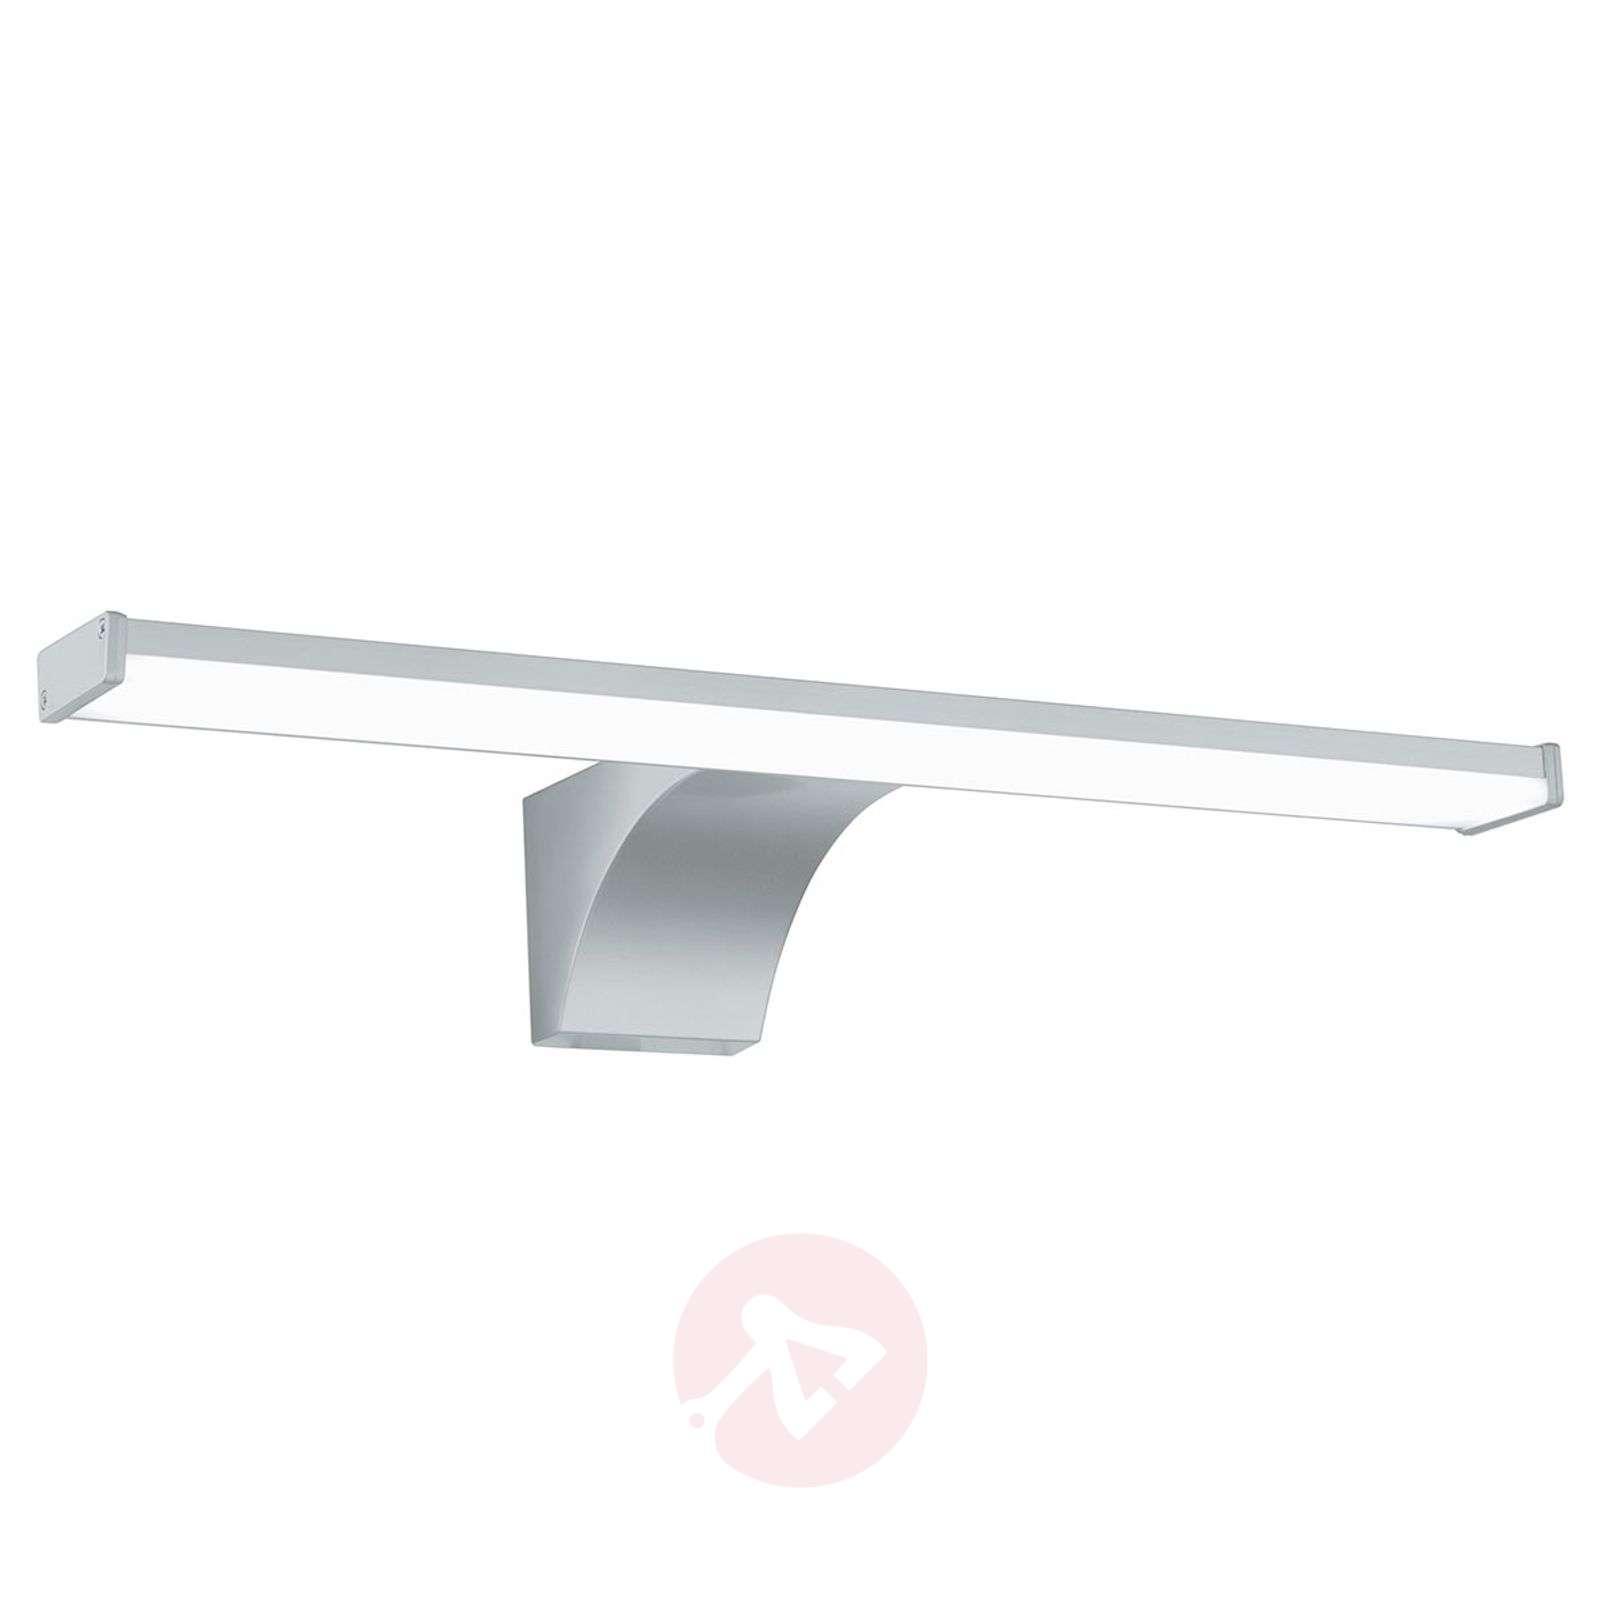 LED-peililamppu Pandella 2 IP44-3032113-01